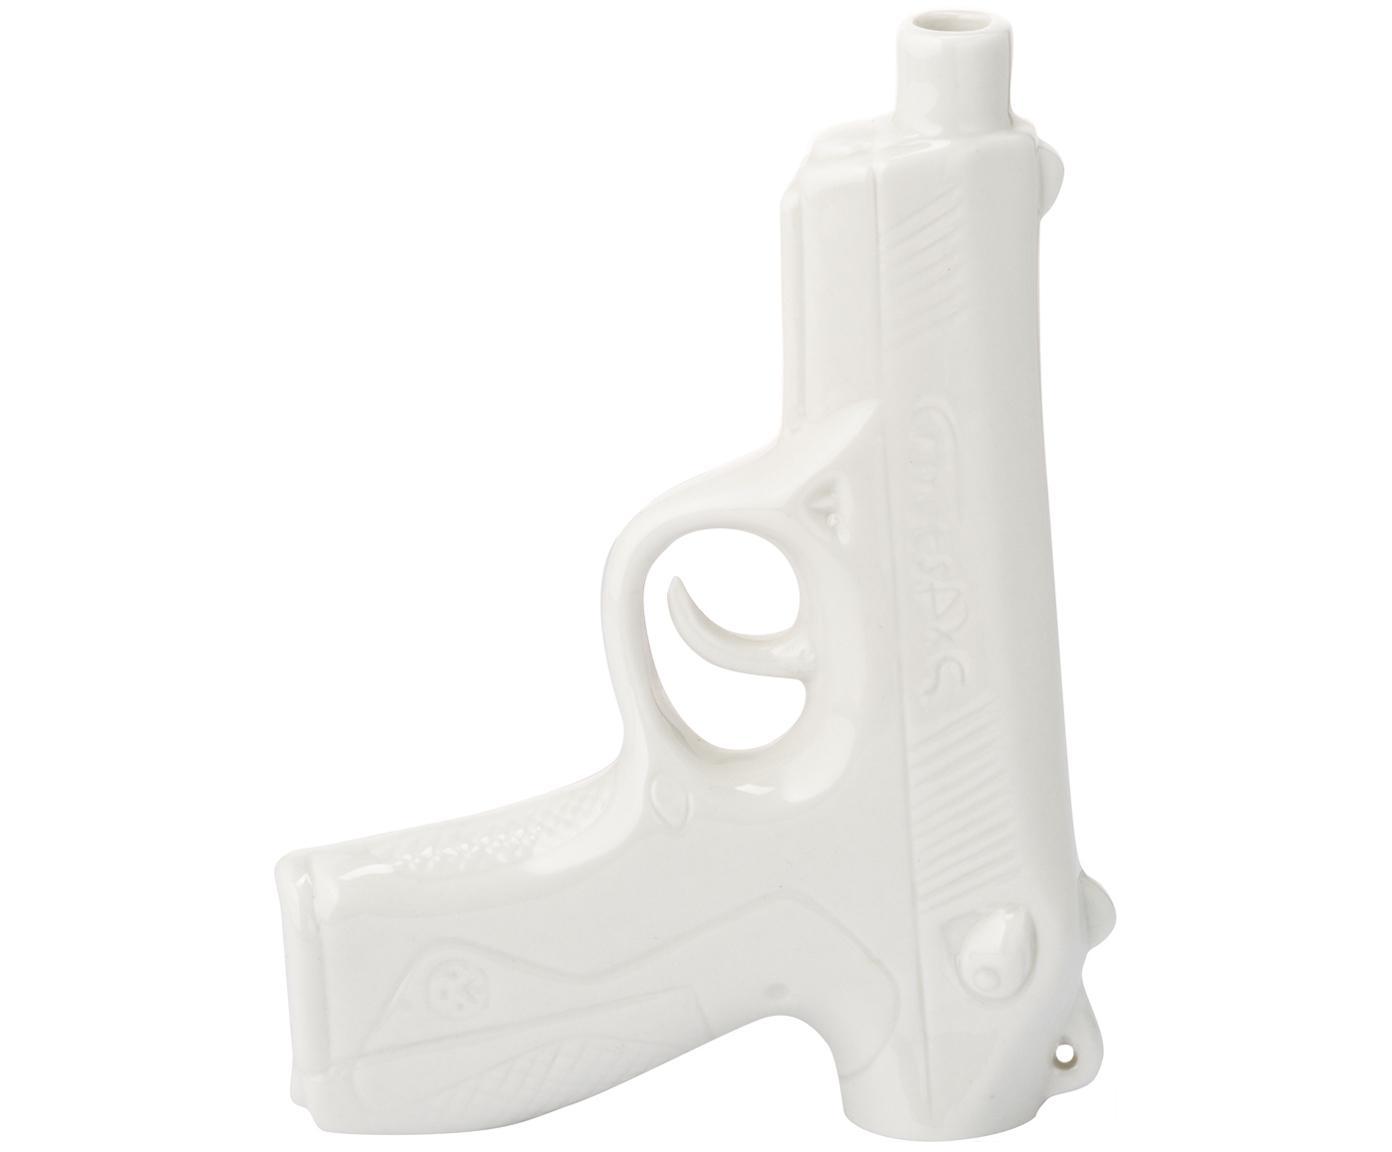 Jarrón pequeño de porcelana Gun, Porcelana, esmaltado, Blanco, An 12 x Al 17 cm